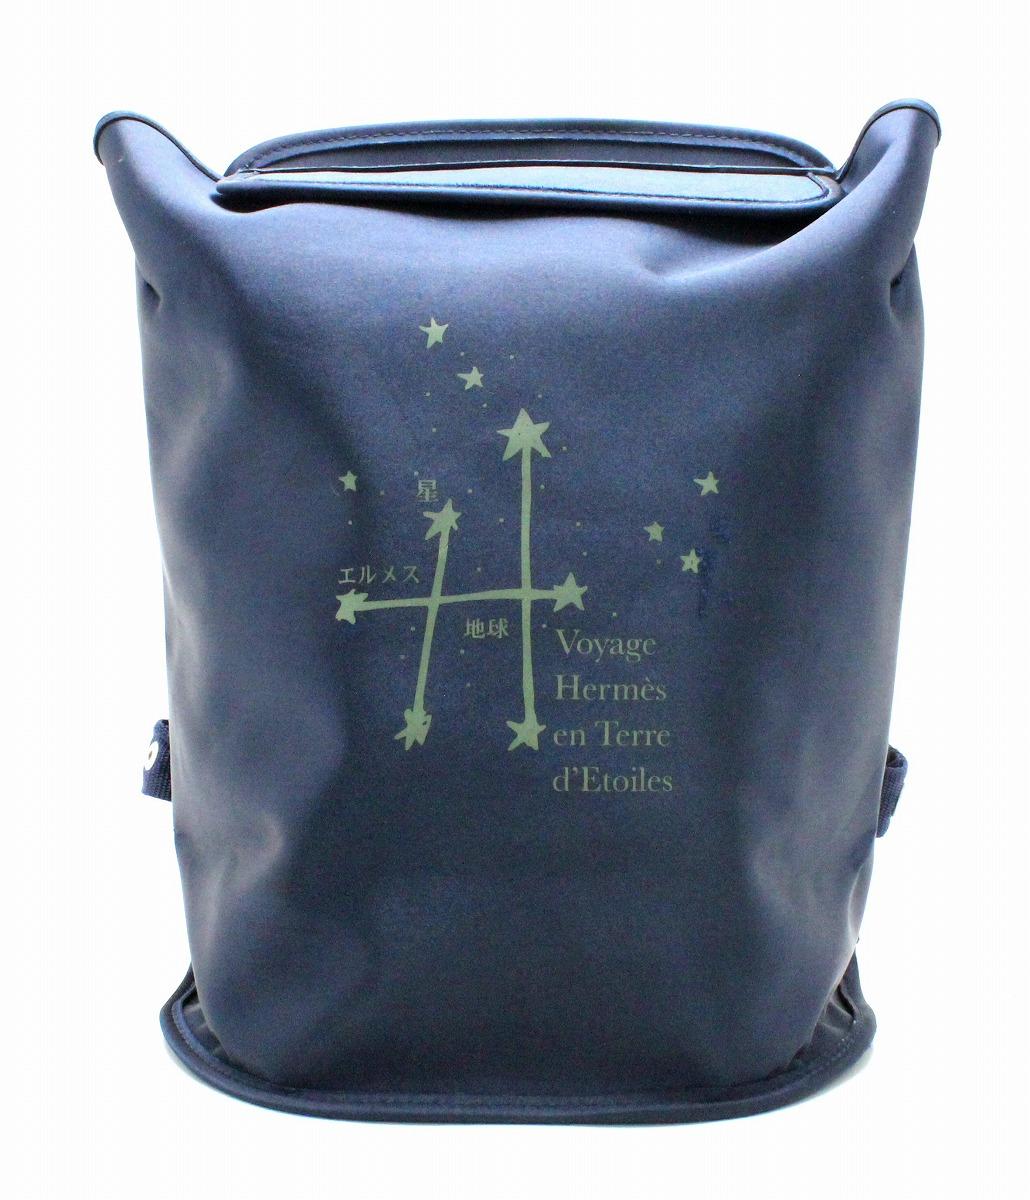 【バッグ】HERMES エルメス シェルパ 星を巡る旅展 1999年 限定 バックパック リュックサック ナイロン 紺 ネイビー 【中古】【k】